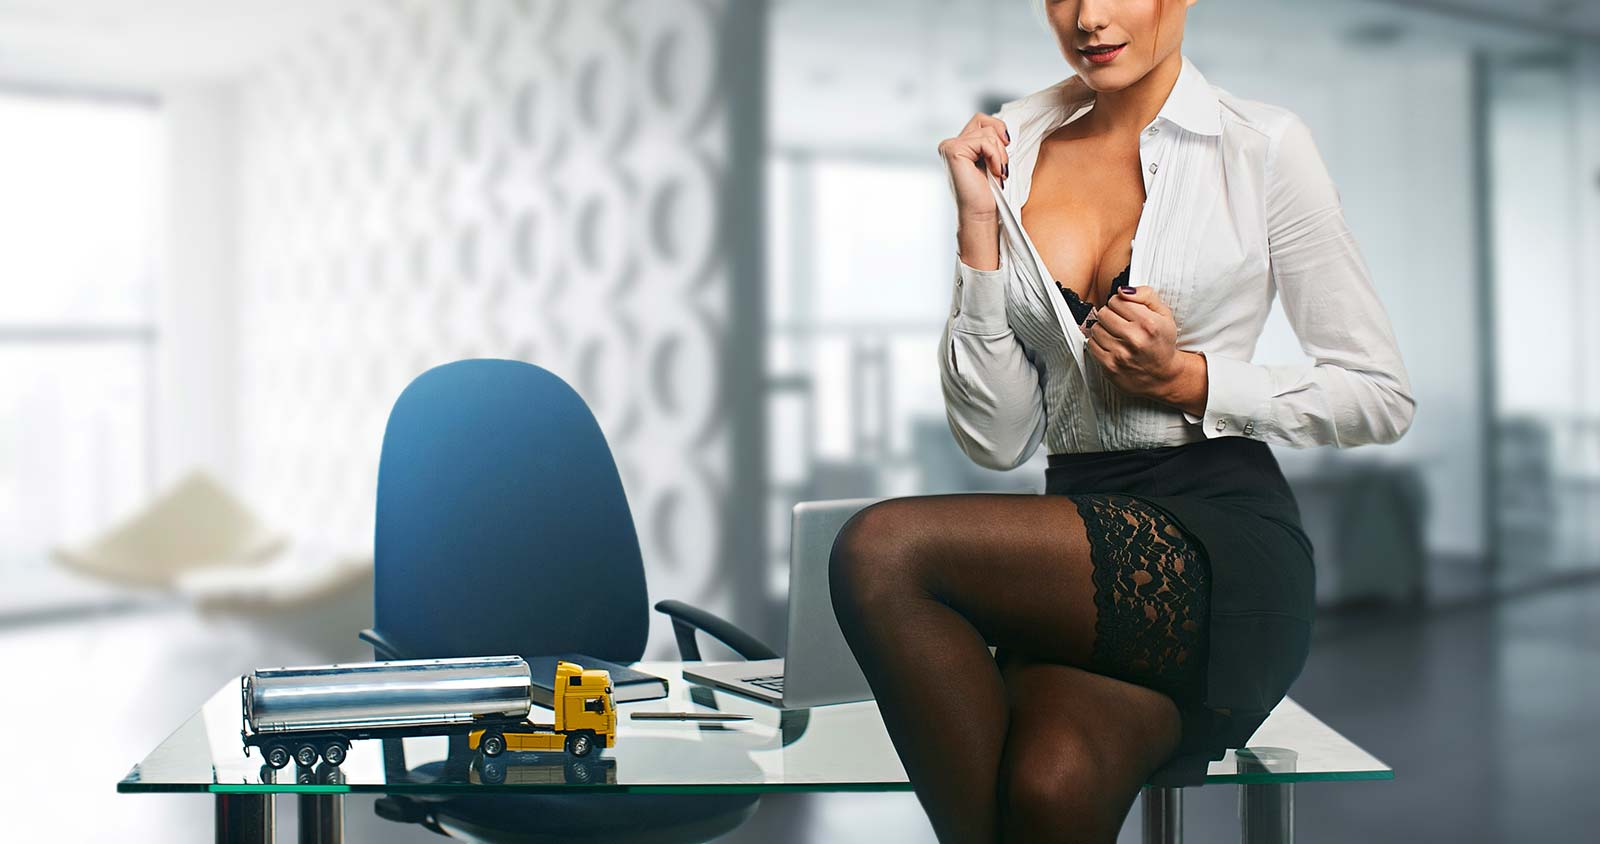 Werbeagentur seit 2002 im Bereich Erotik Onlinewerbung-Marketing. Spezialisiert auf Websites für Prostituierte, Hosting & Professionelle Fotos